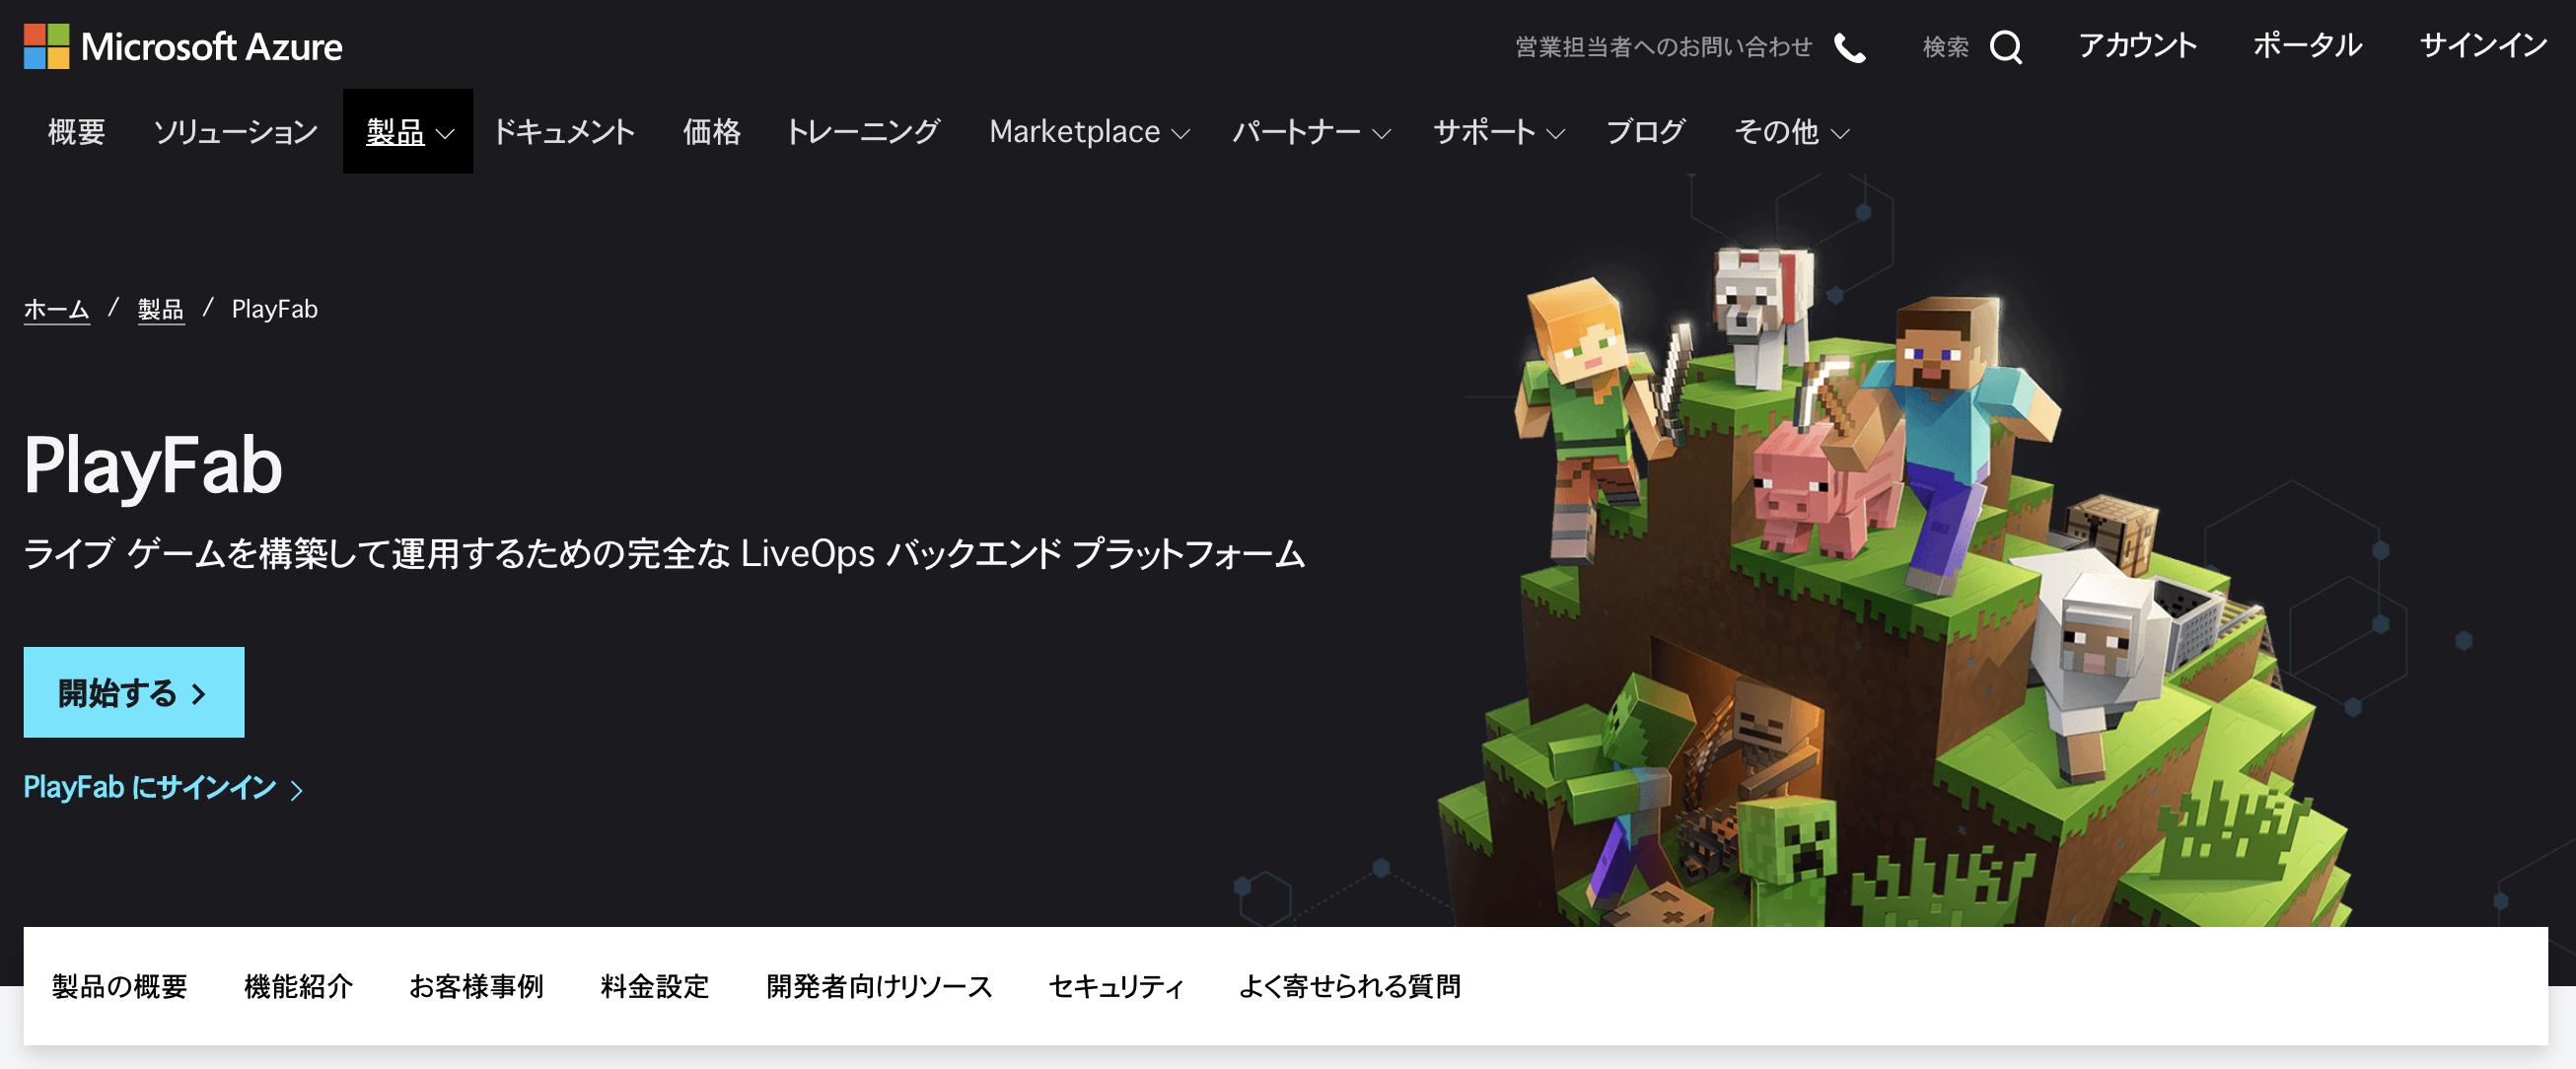 AzureのPlayFab紹介ページ